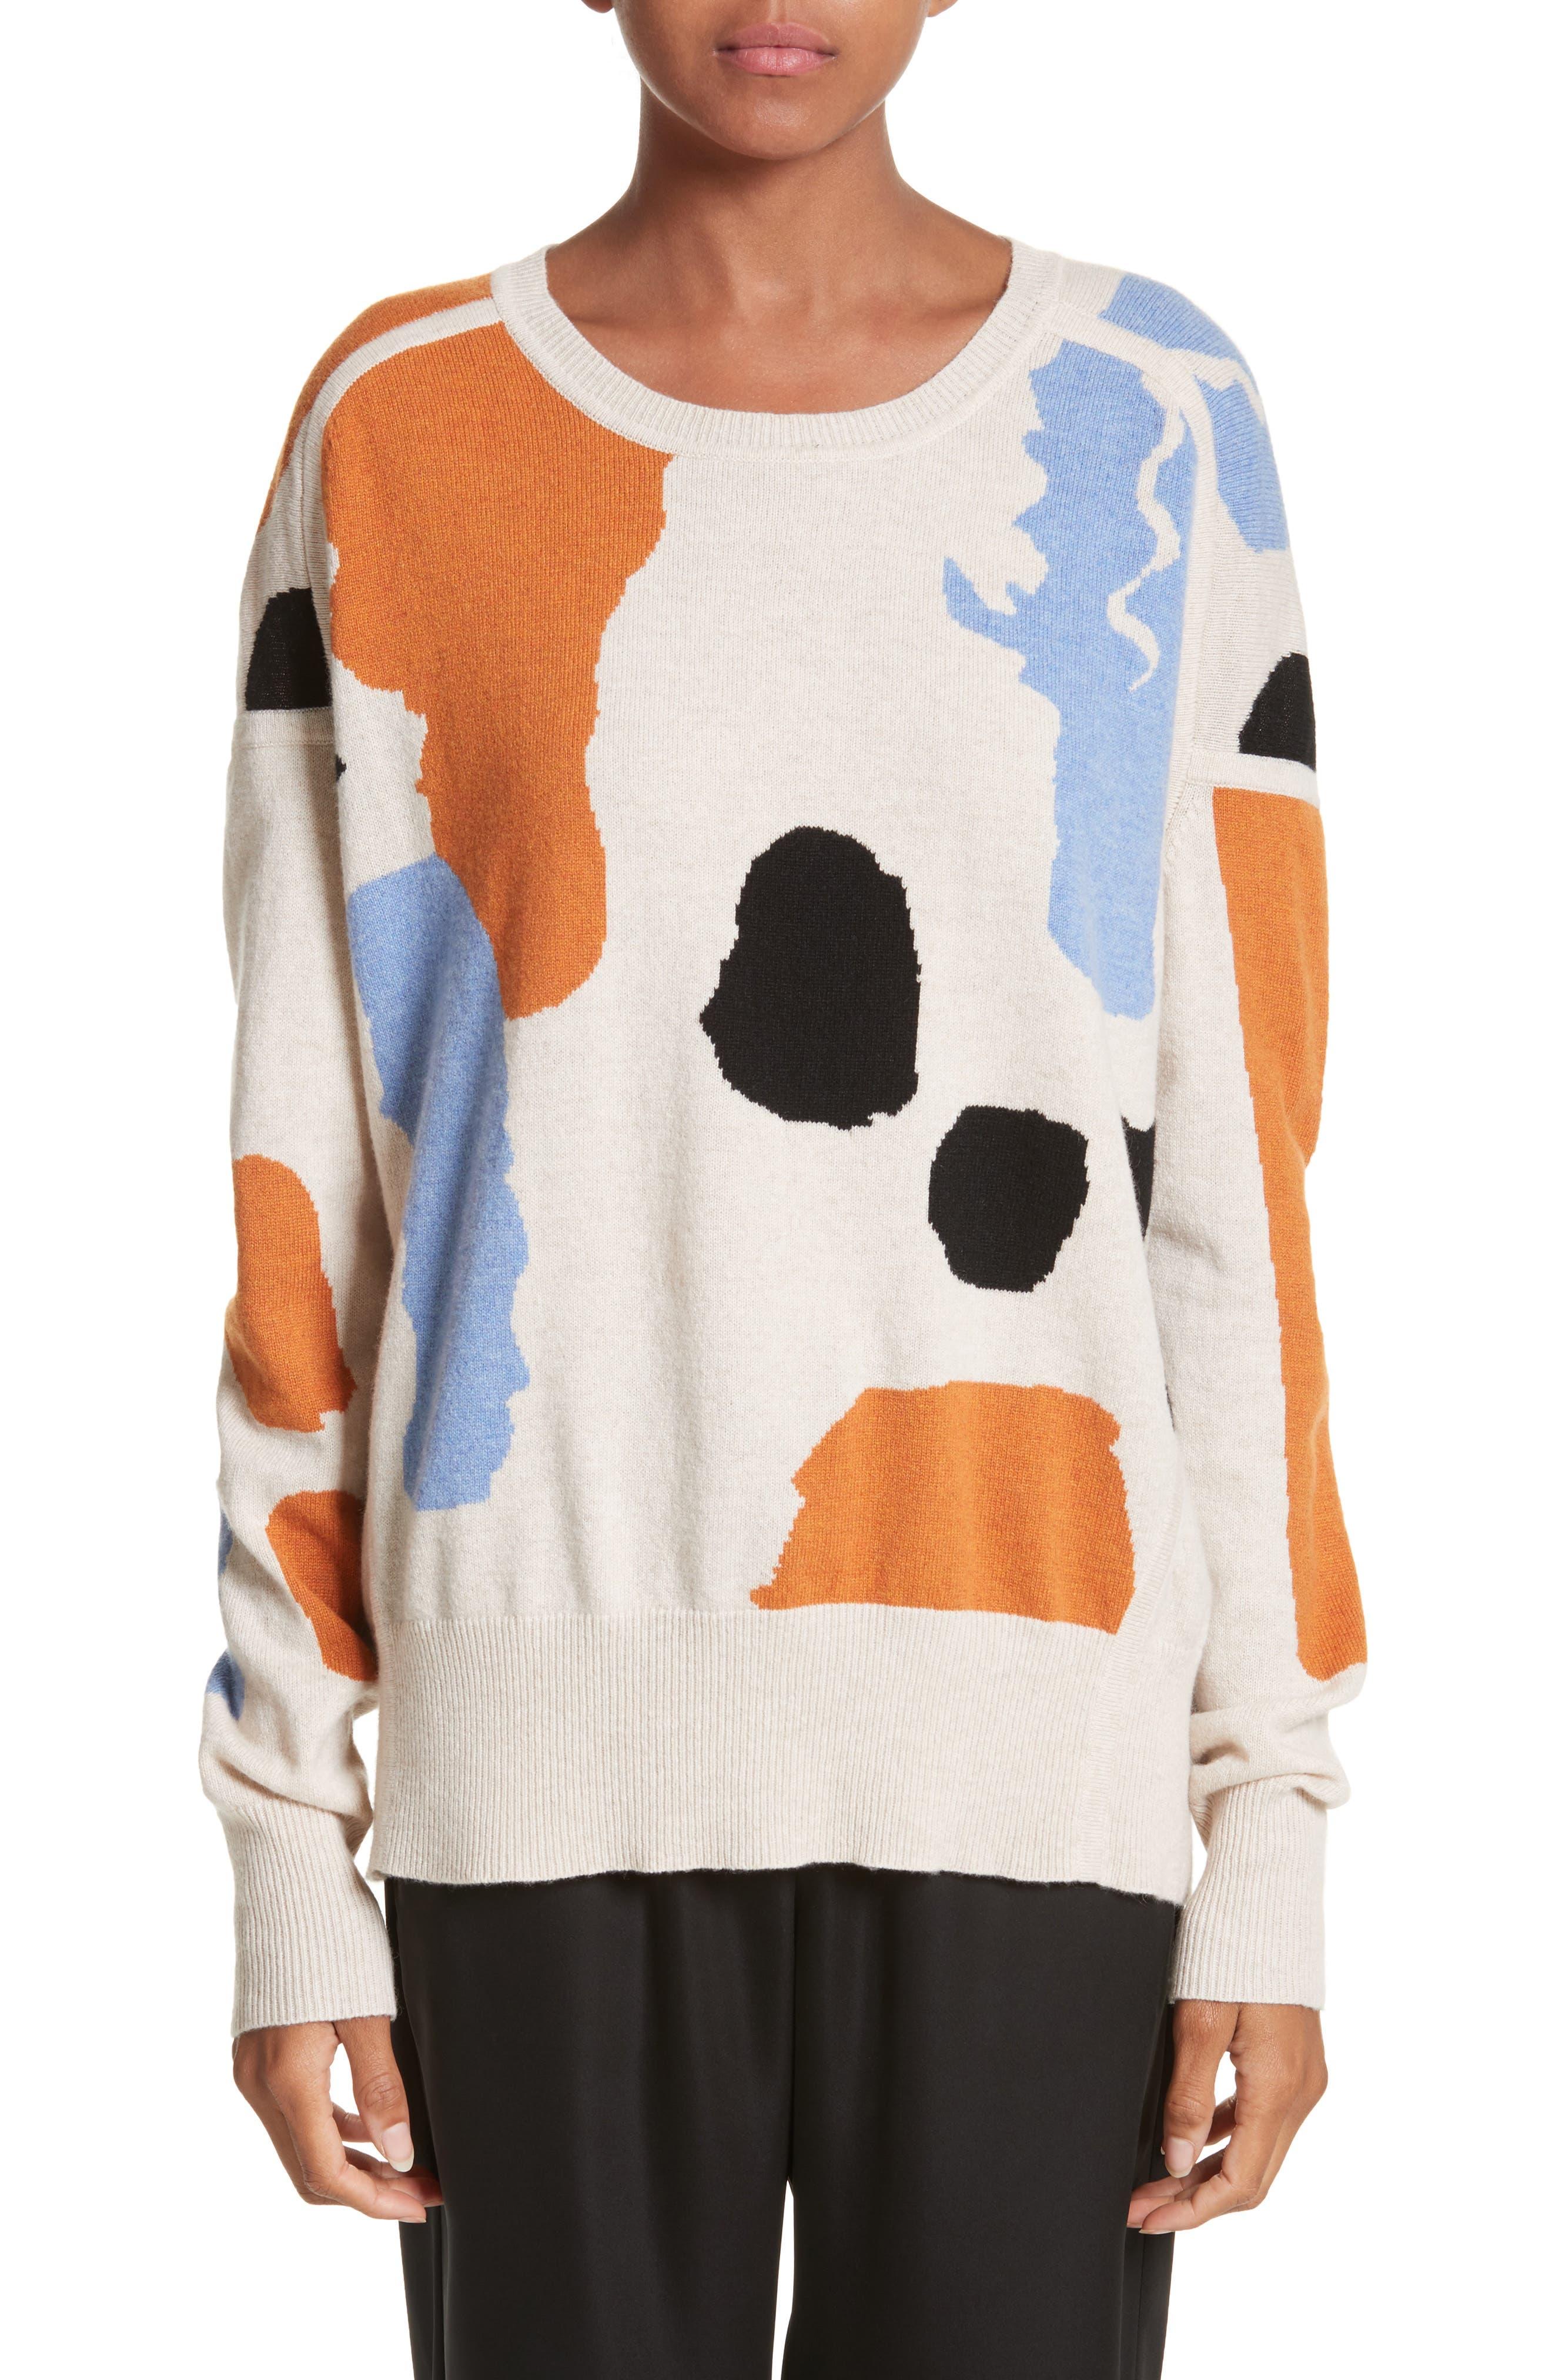 ZERO + MARIA CORNEJO Palette Cashmere & Merino Wool Sweater, Main, color, 902